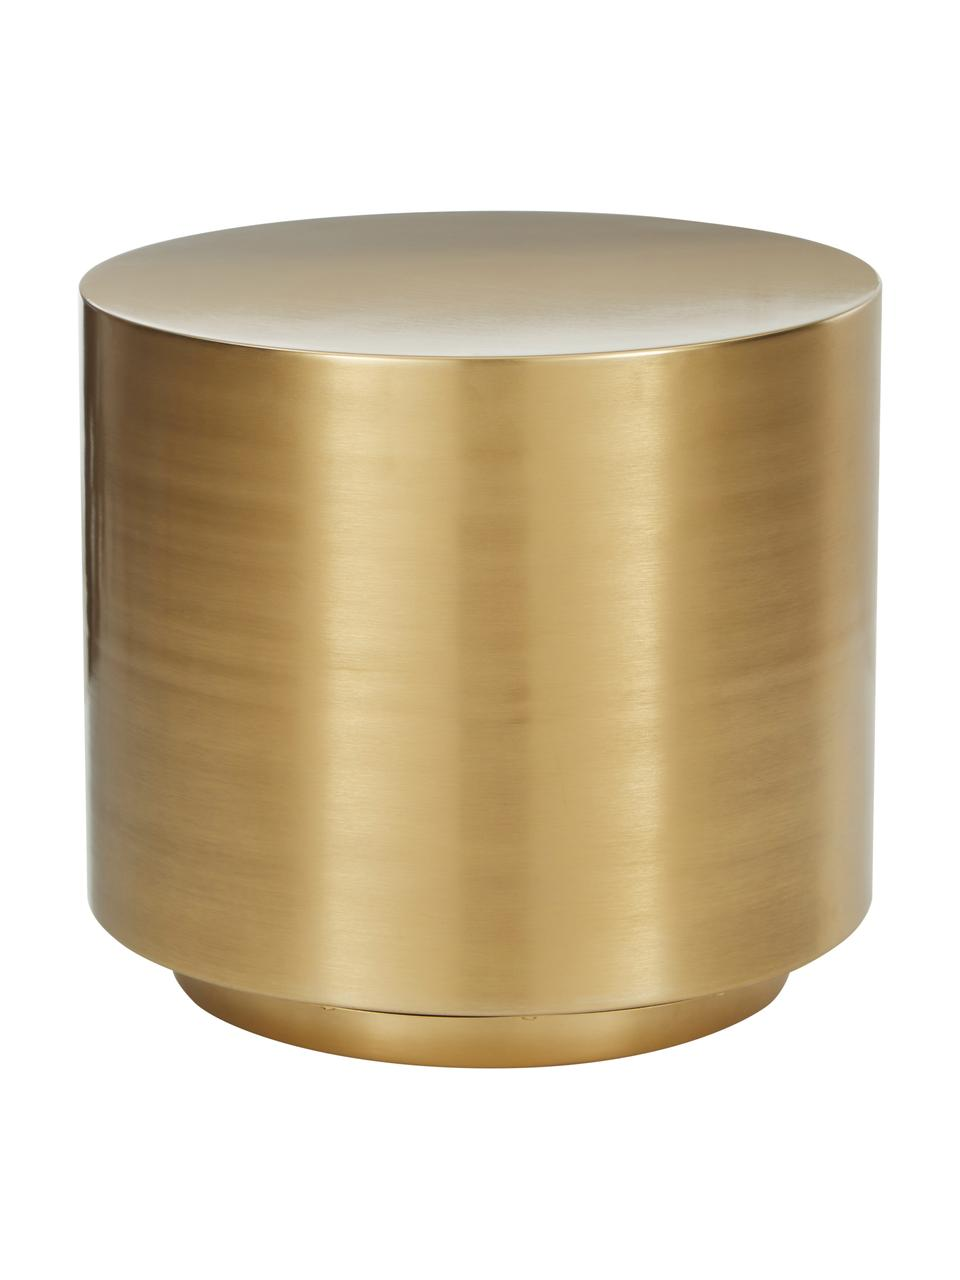 Stolik pomocniczy z metalu Step, Metal szczotkowany, Odcienie mosiądzu, Ø 50 x W 46 cm